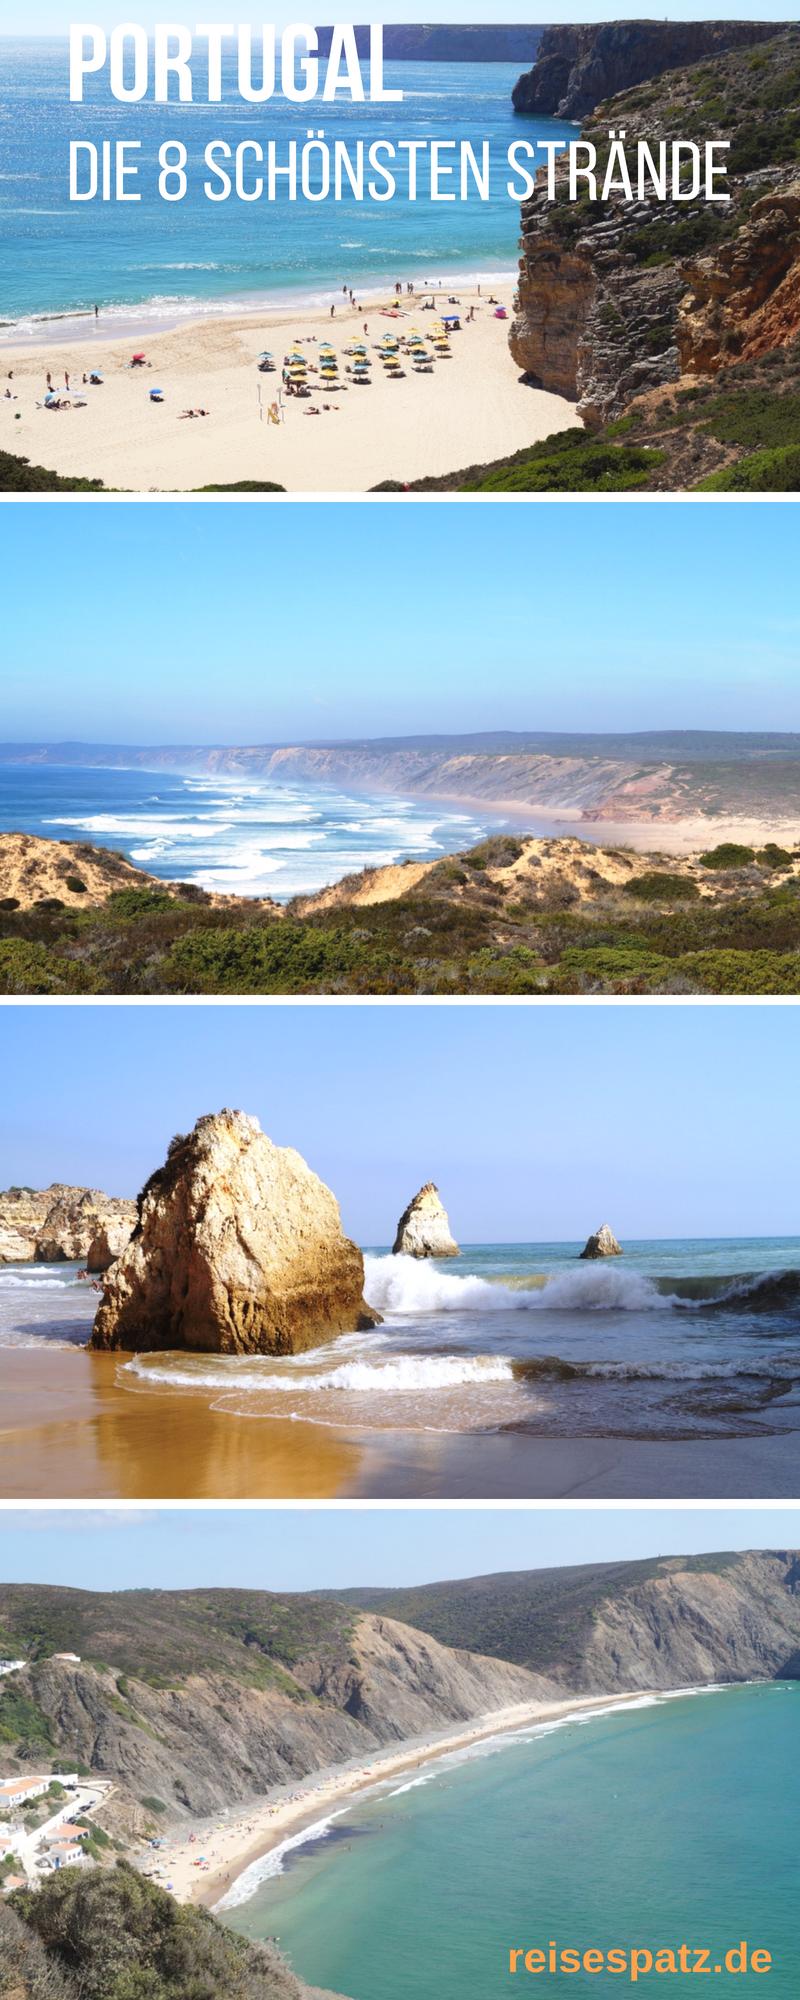 Las playas más bellas del Algarve.